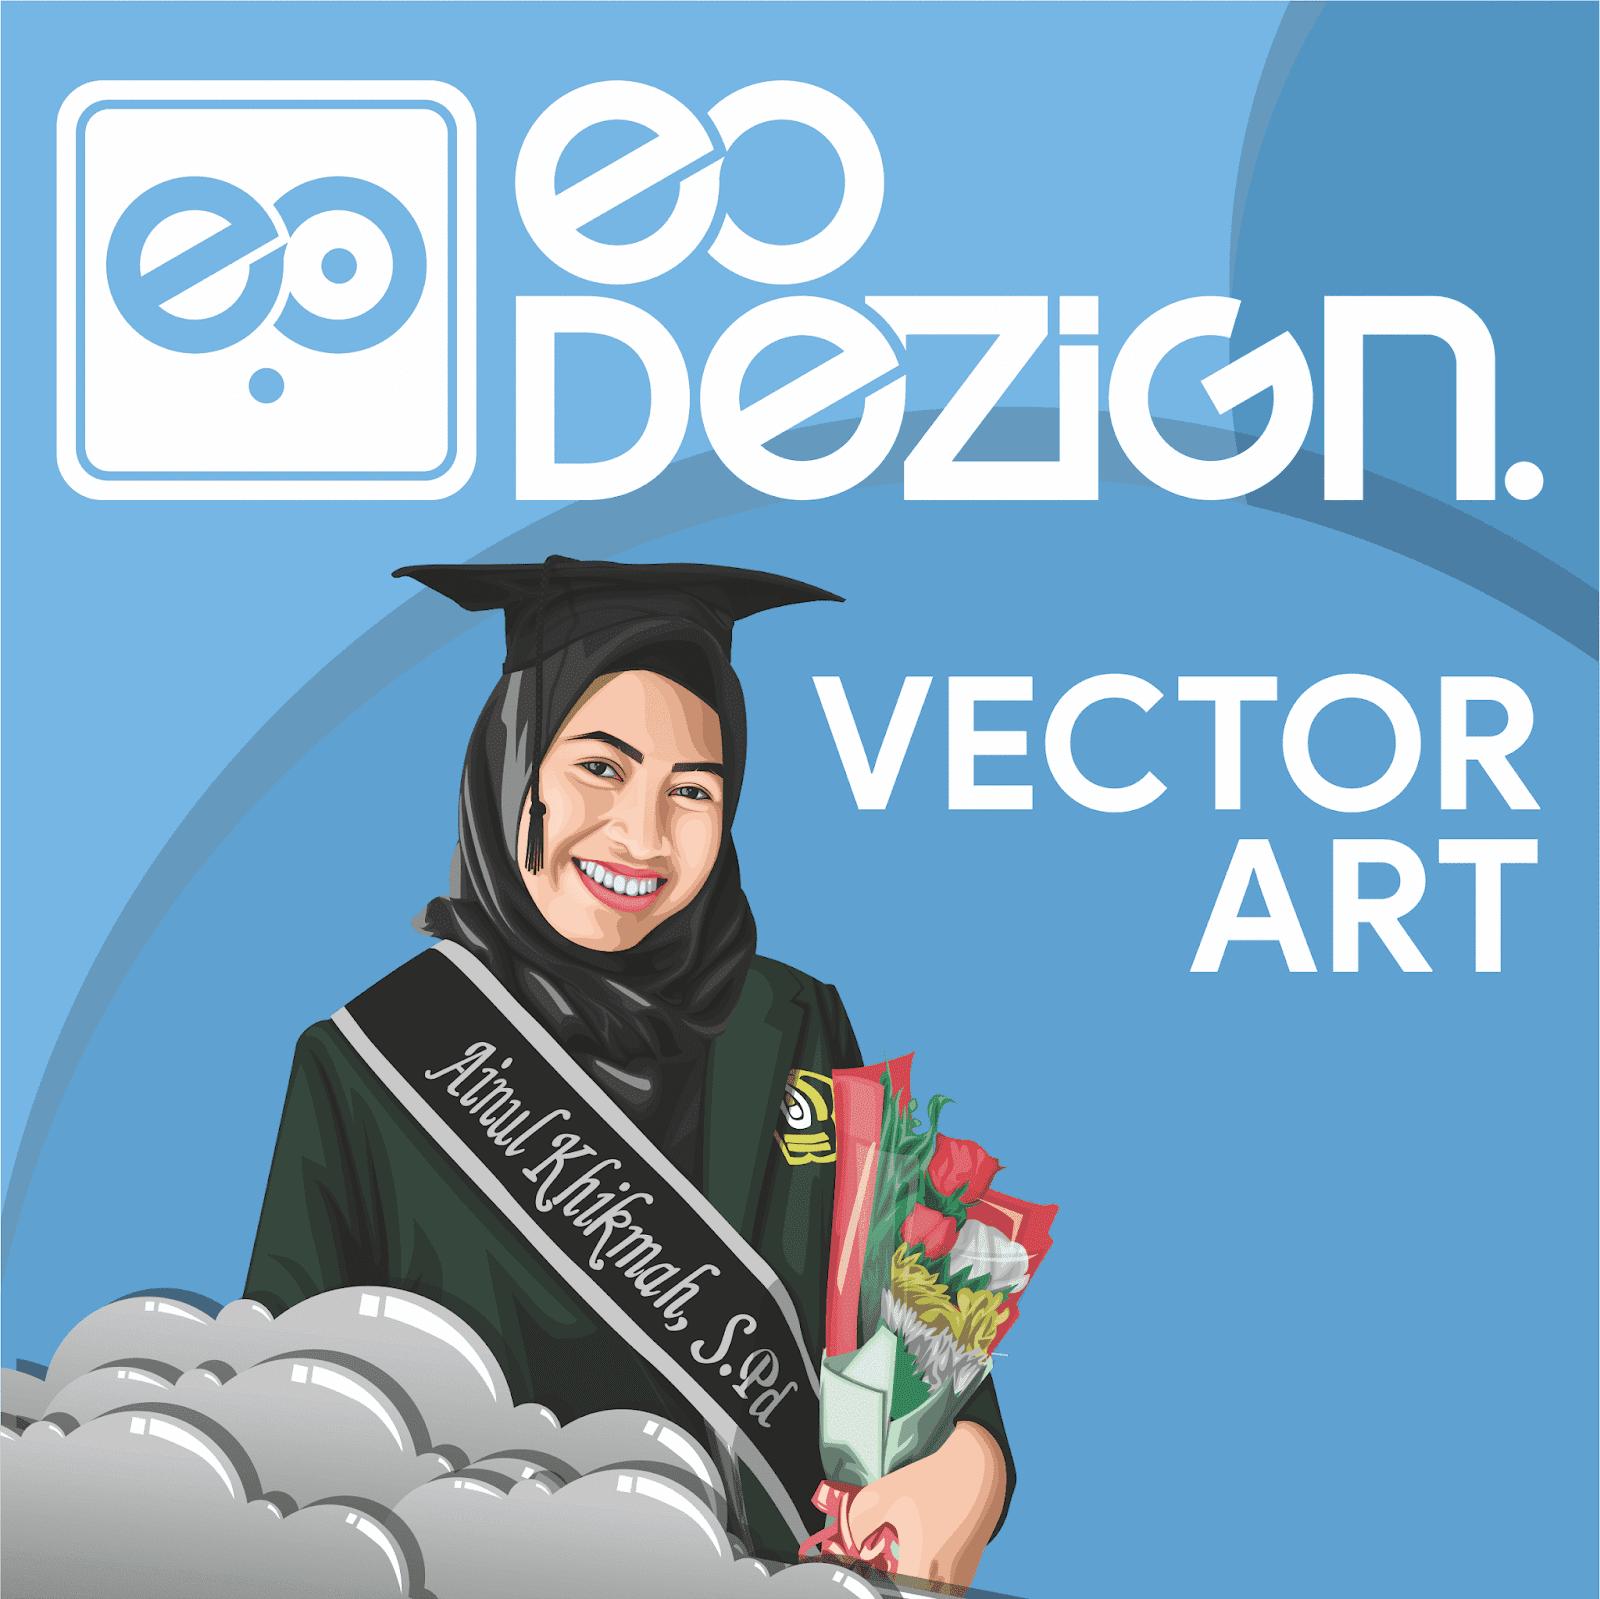 eoDezign Vector Art